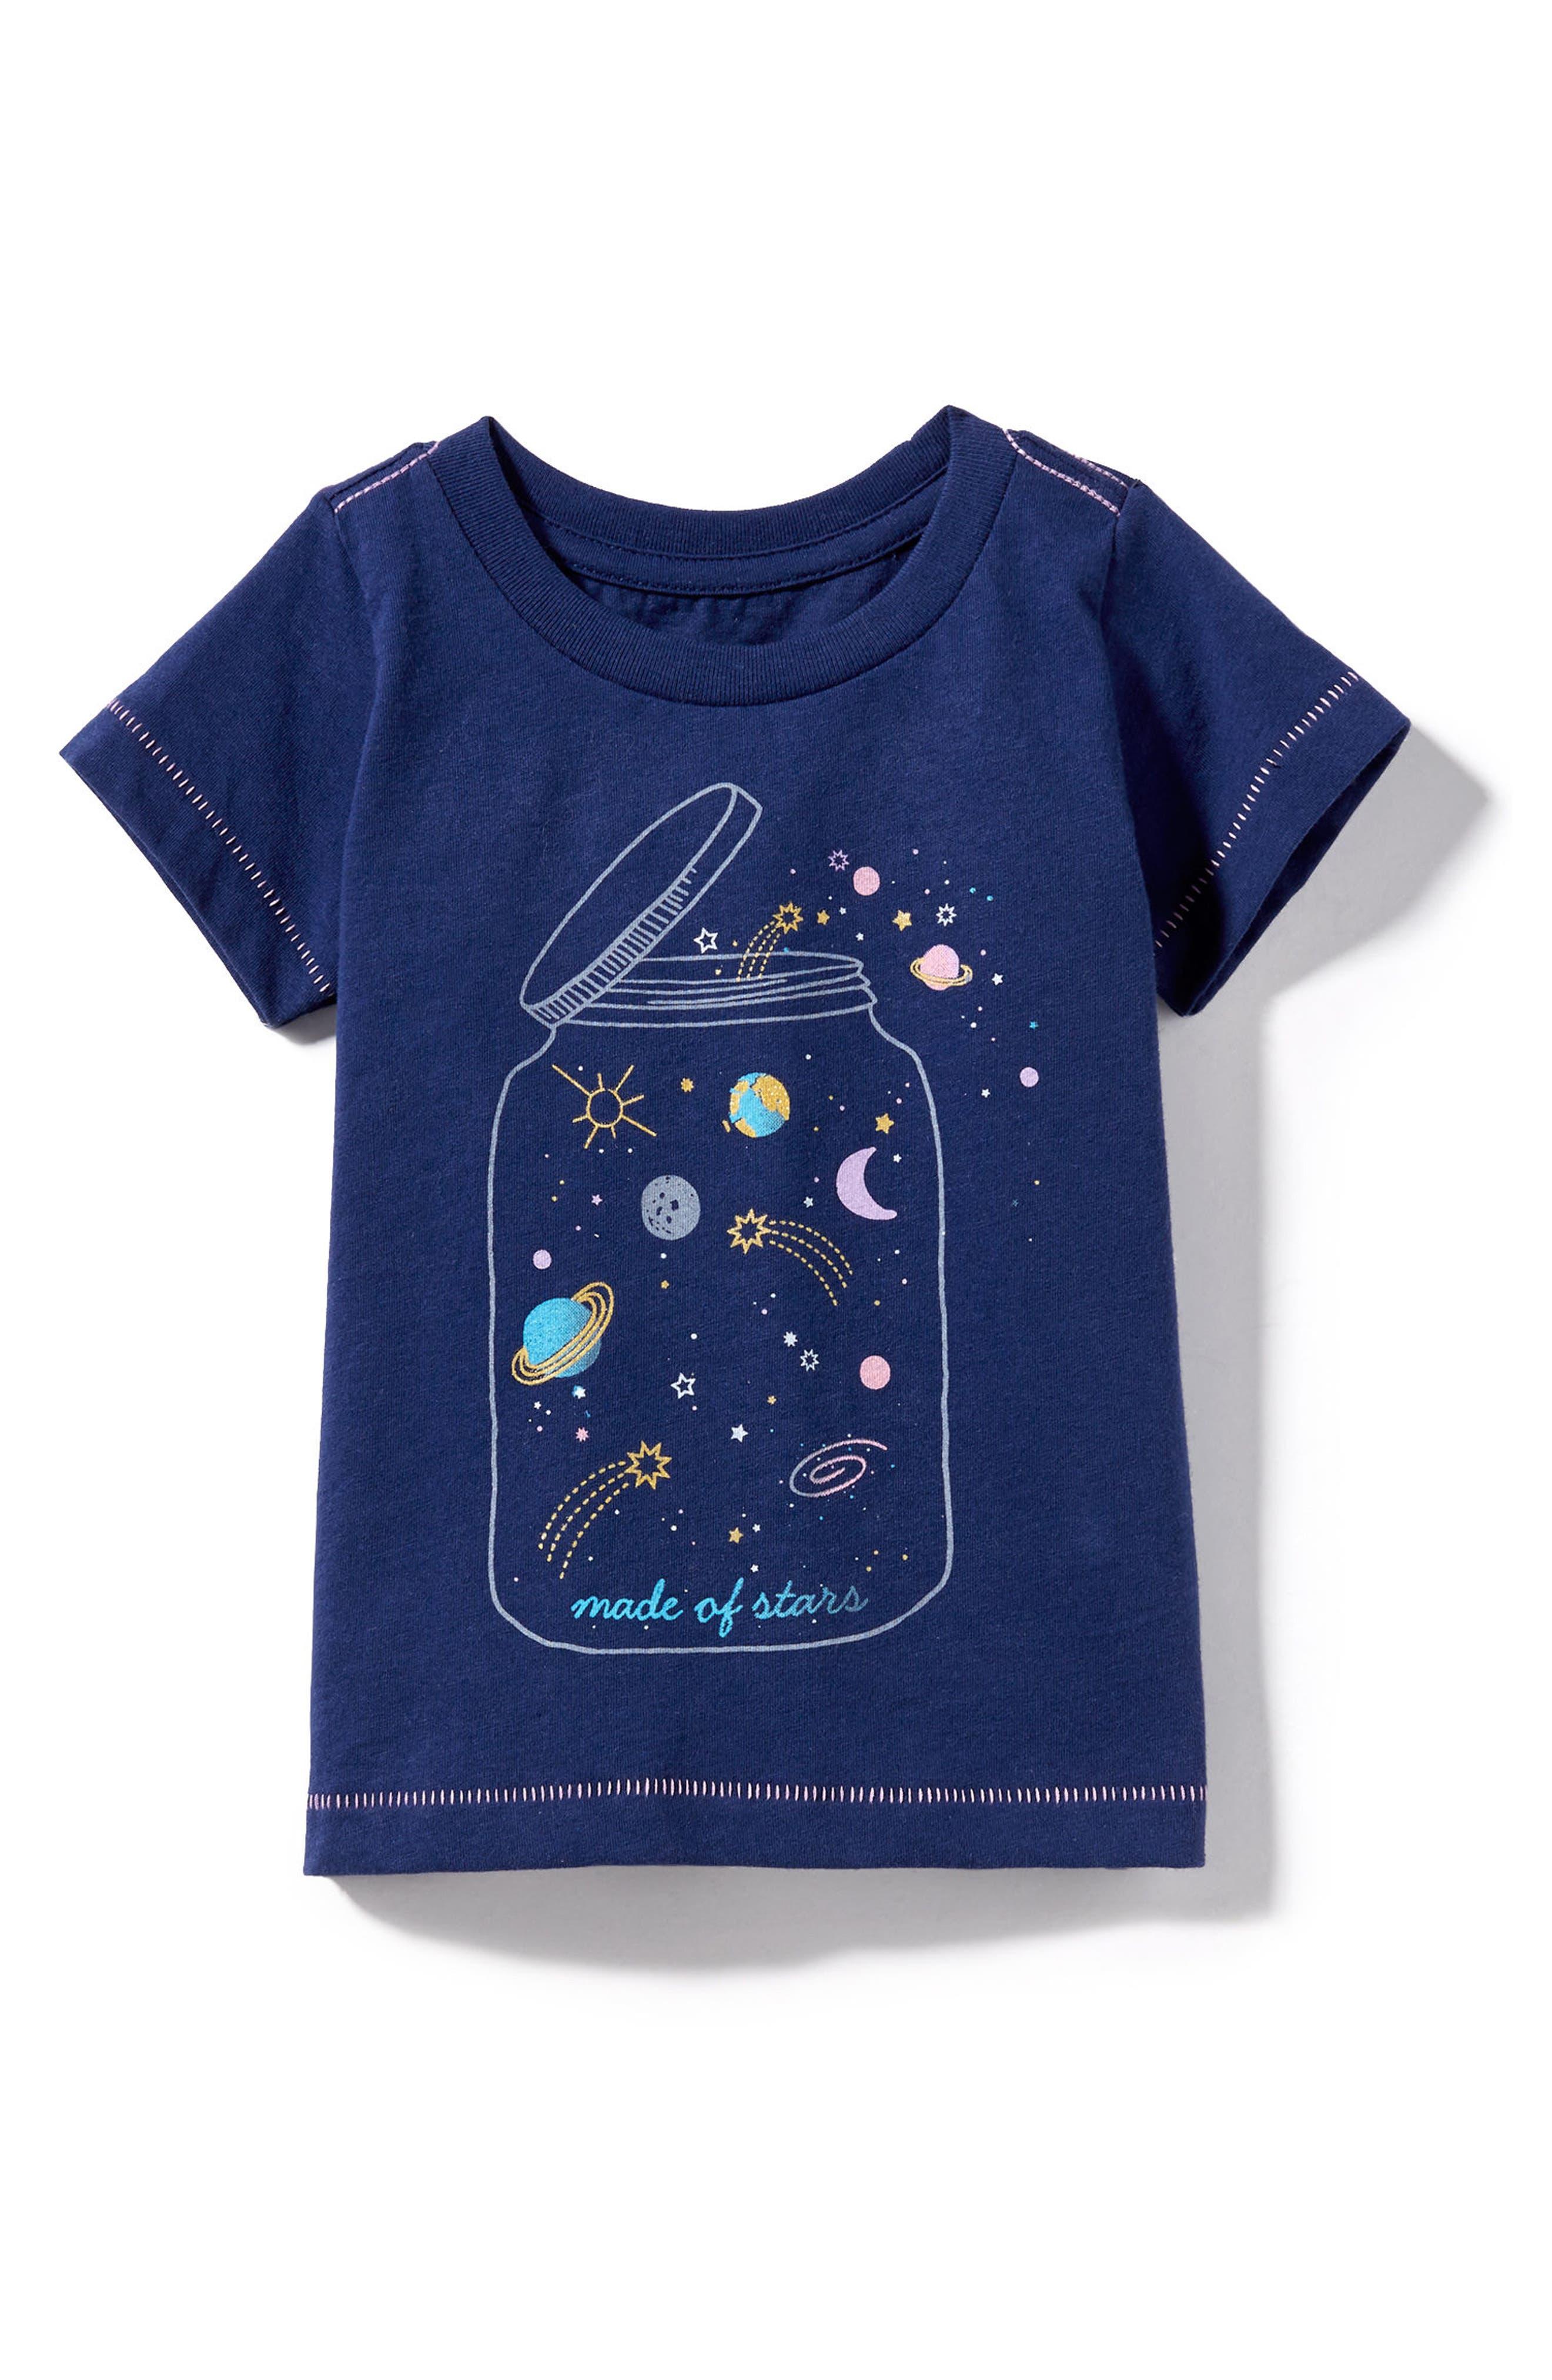 Main Image - Peek Jar of Stars Graphic Tee (Baby Girls)